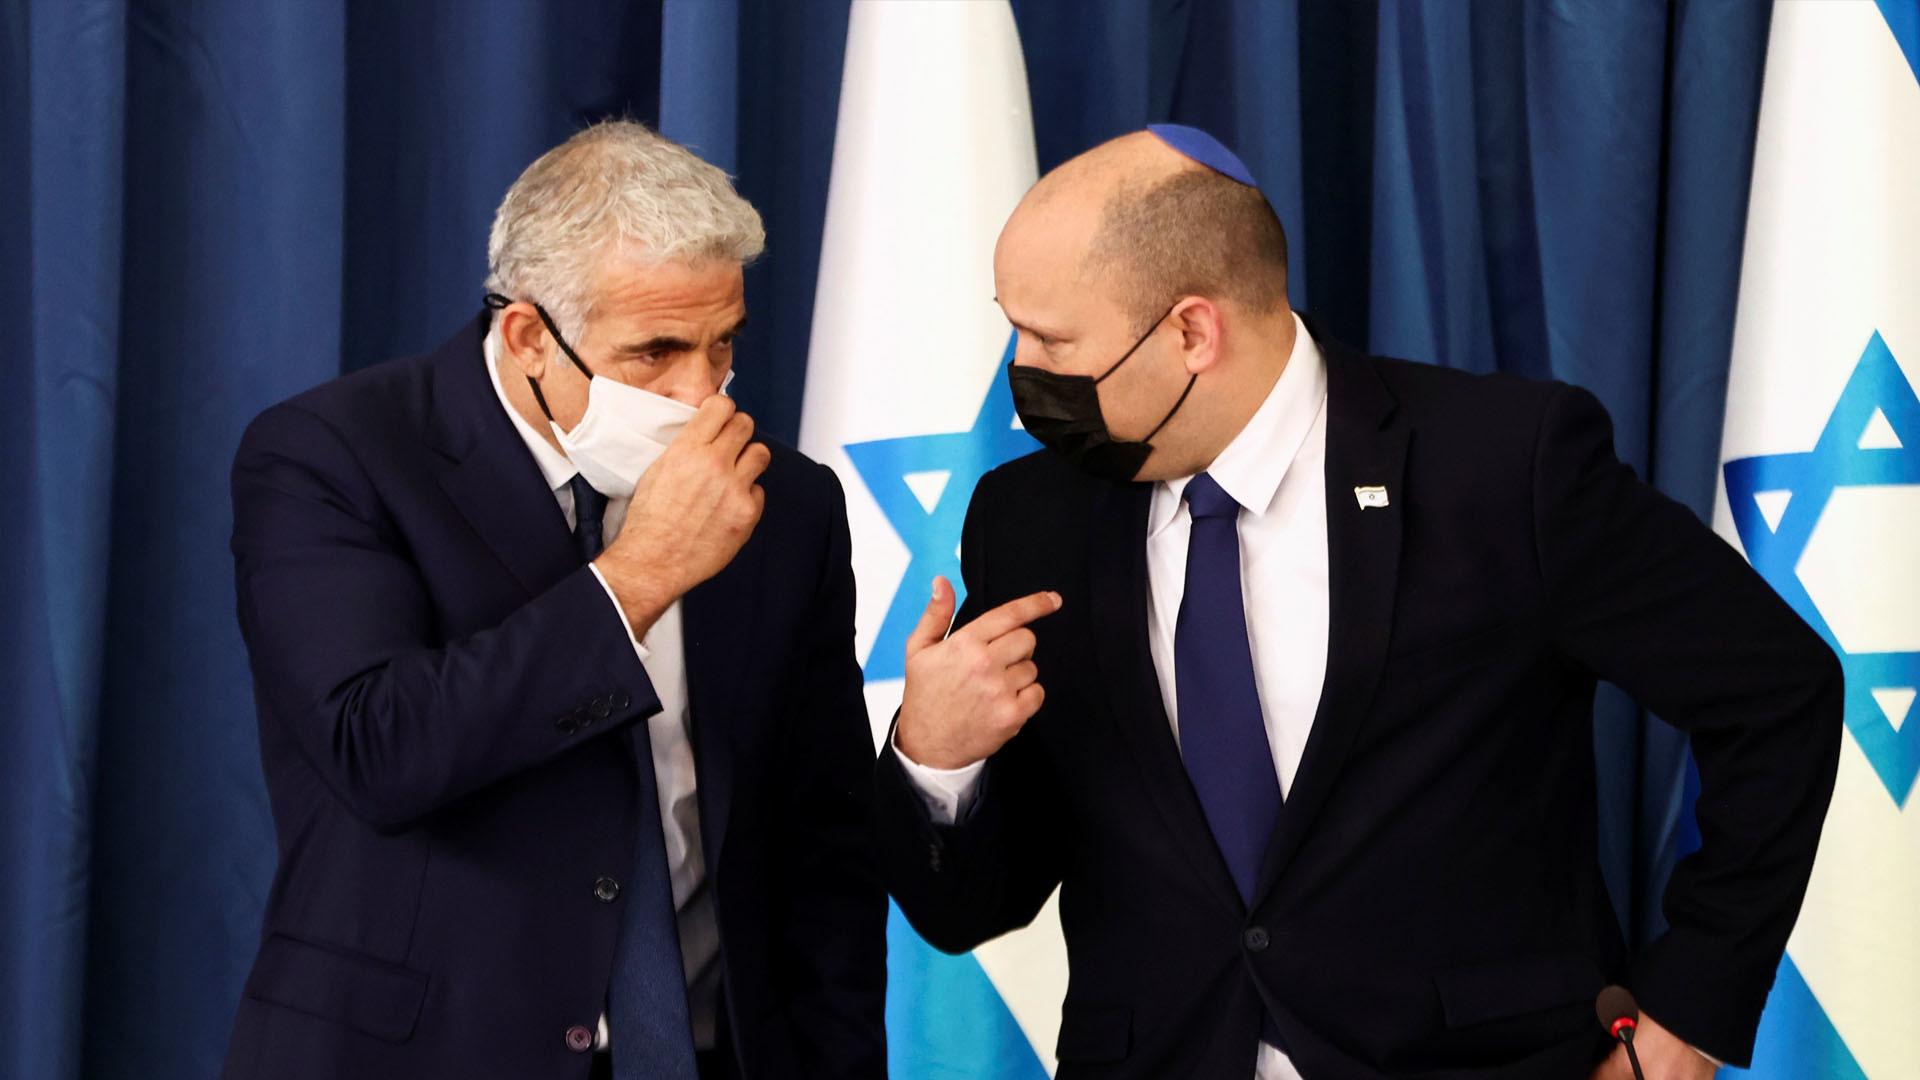 Bukti Puncak Normalisasi Hubungan Maroko-Israel